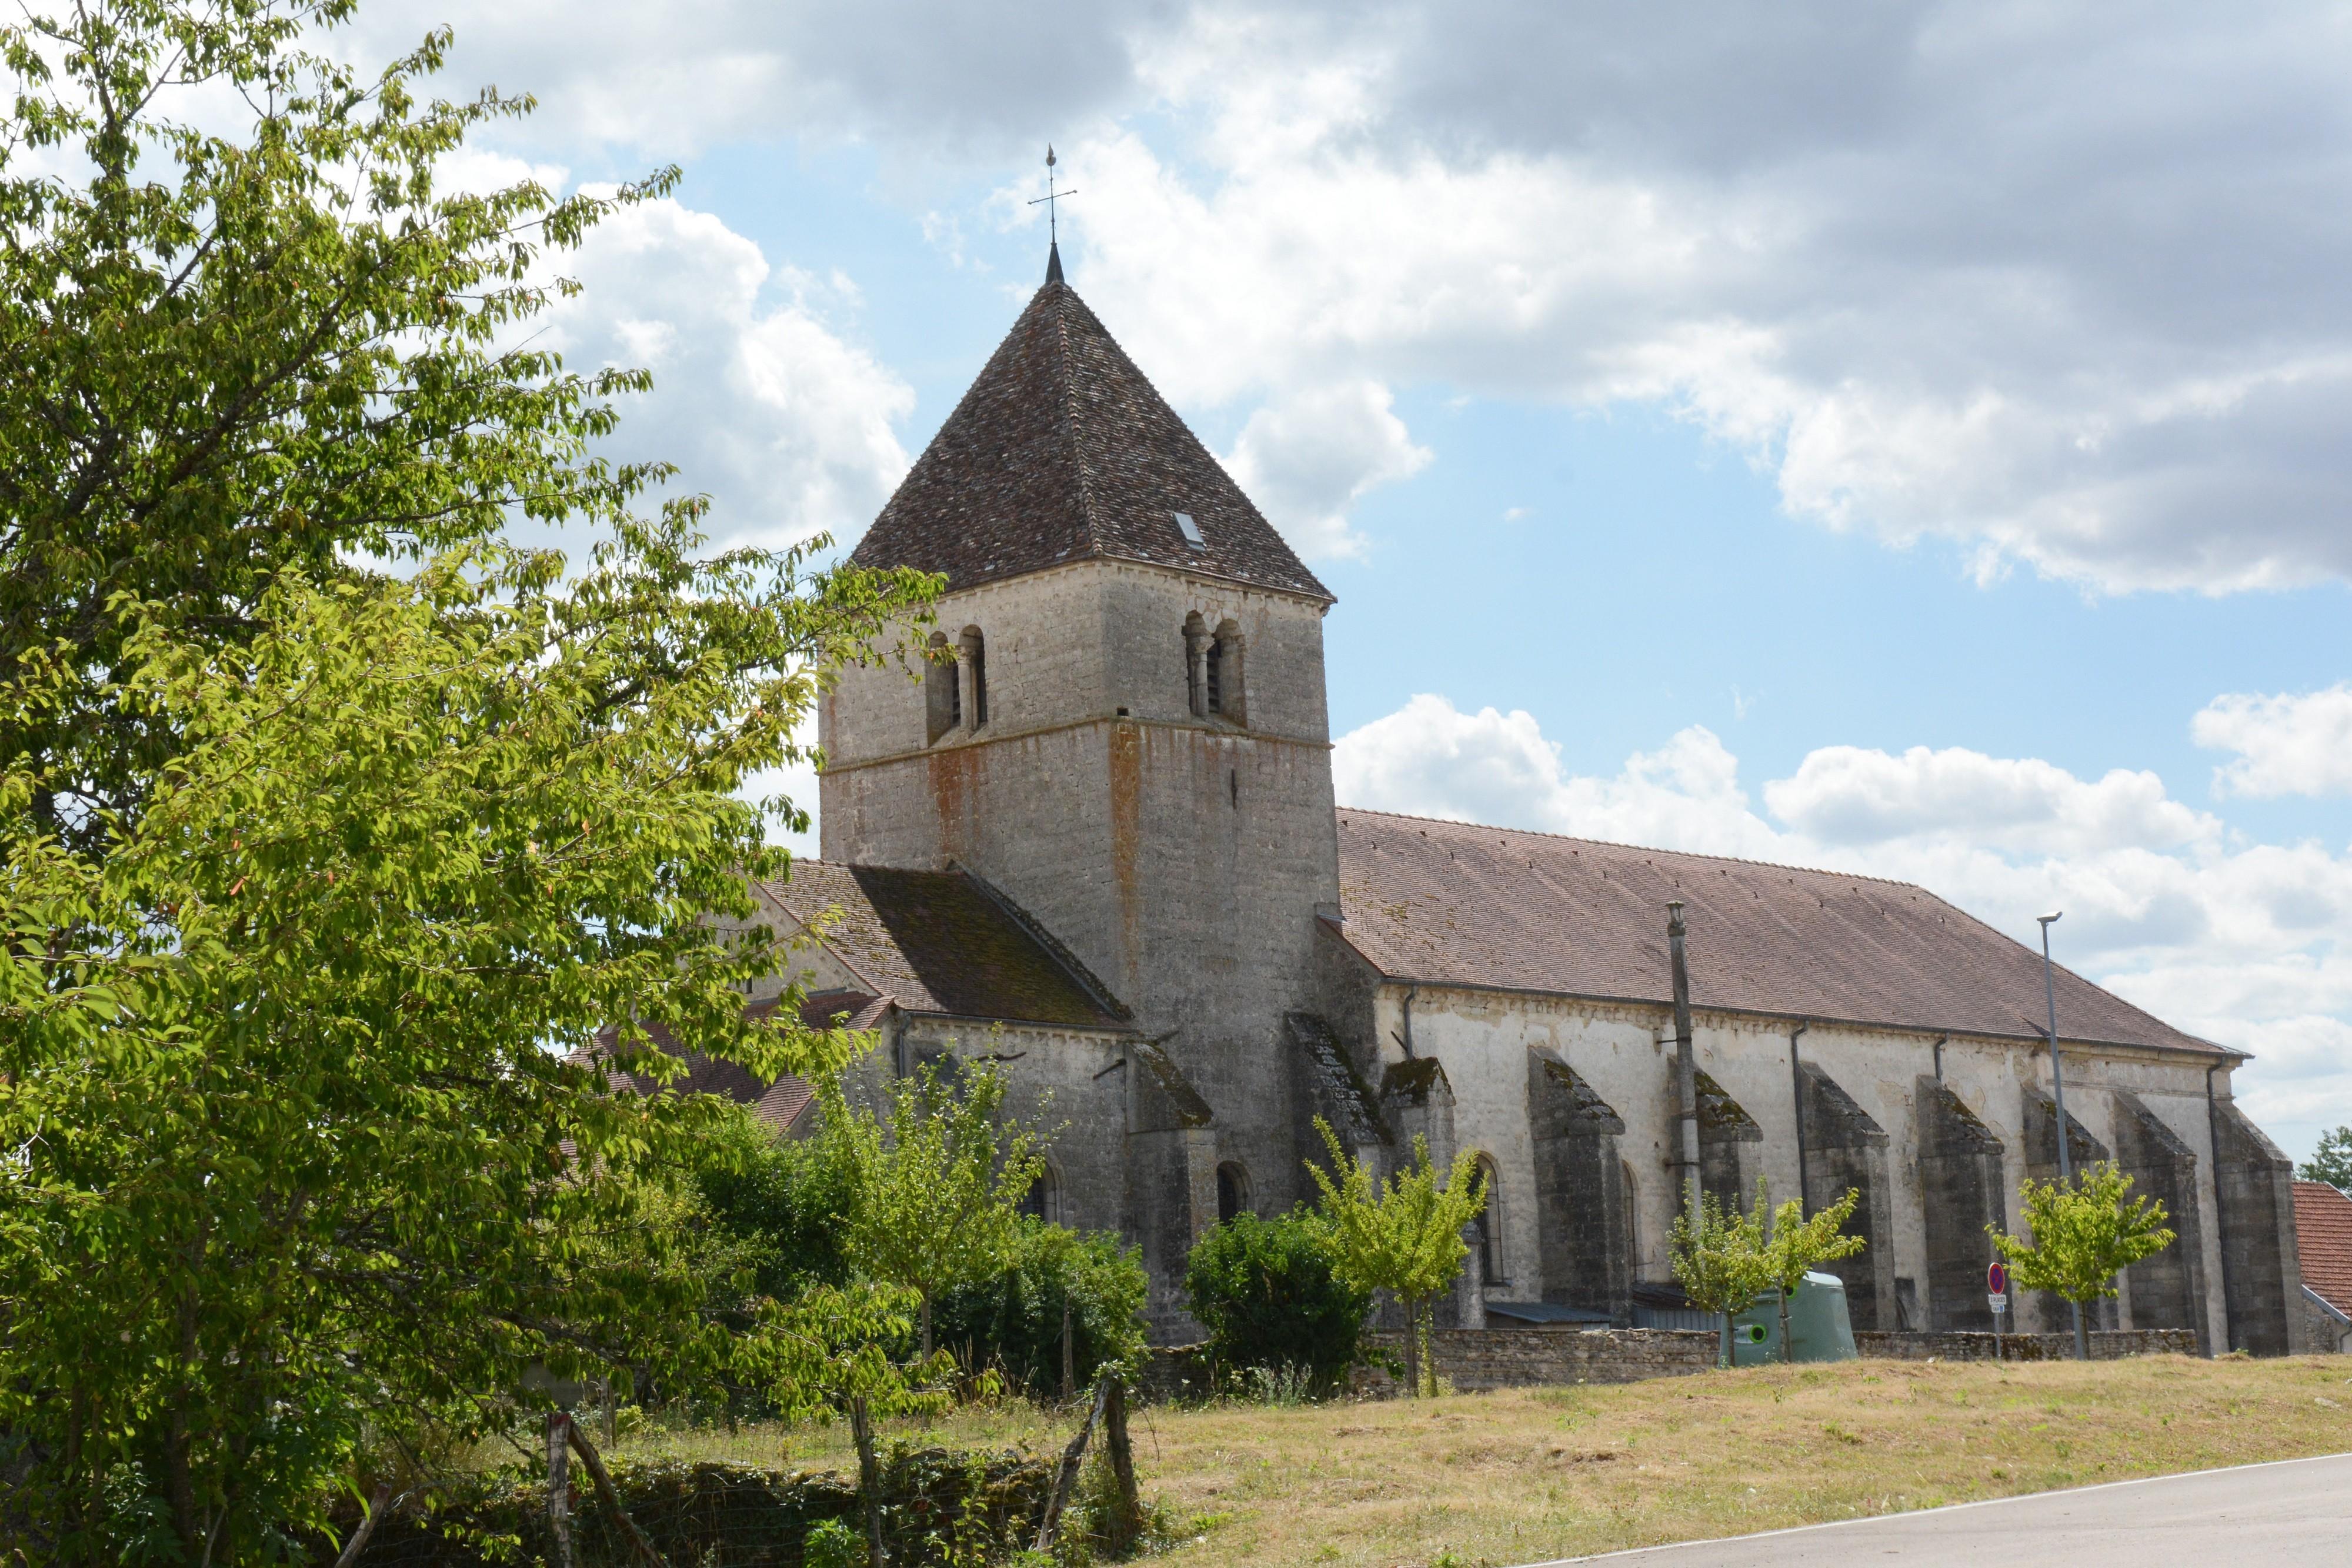 Revenez en ville par le chemin de terre pour rejoindre l'Eglise St Sulpice (13e s.)